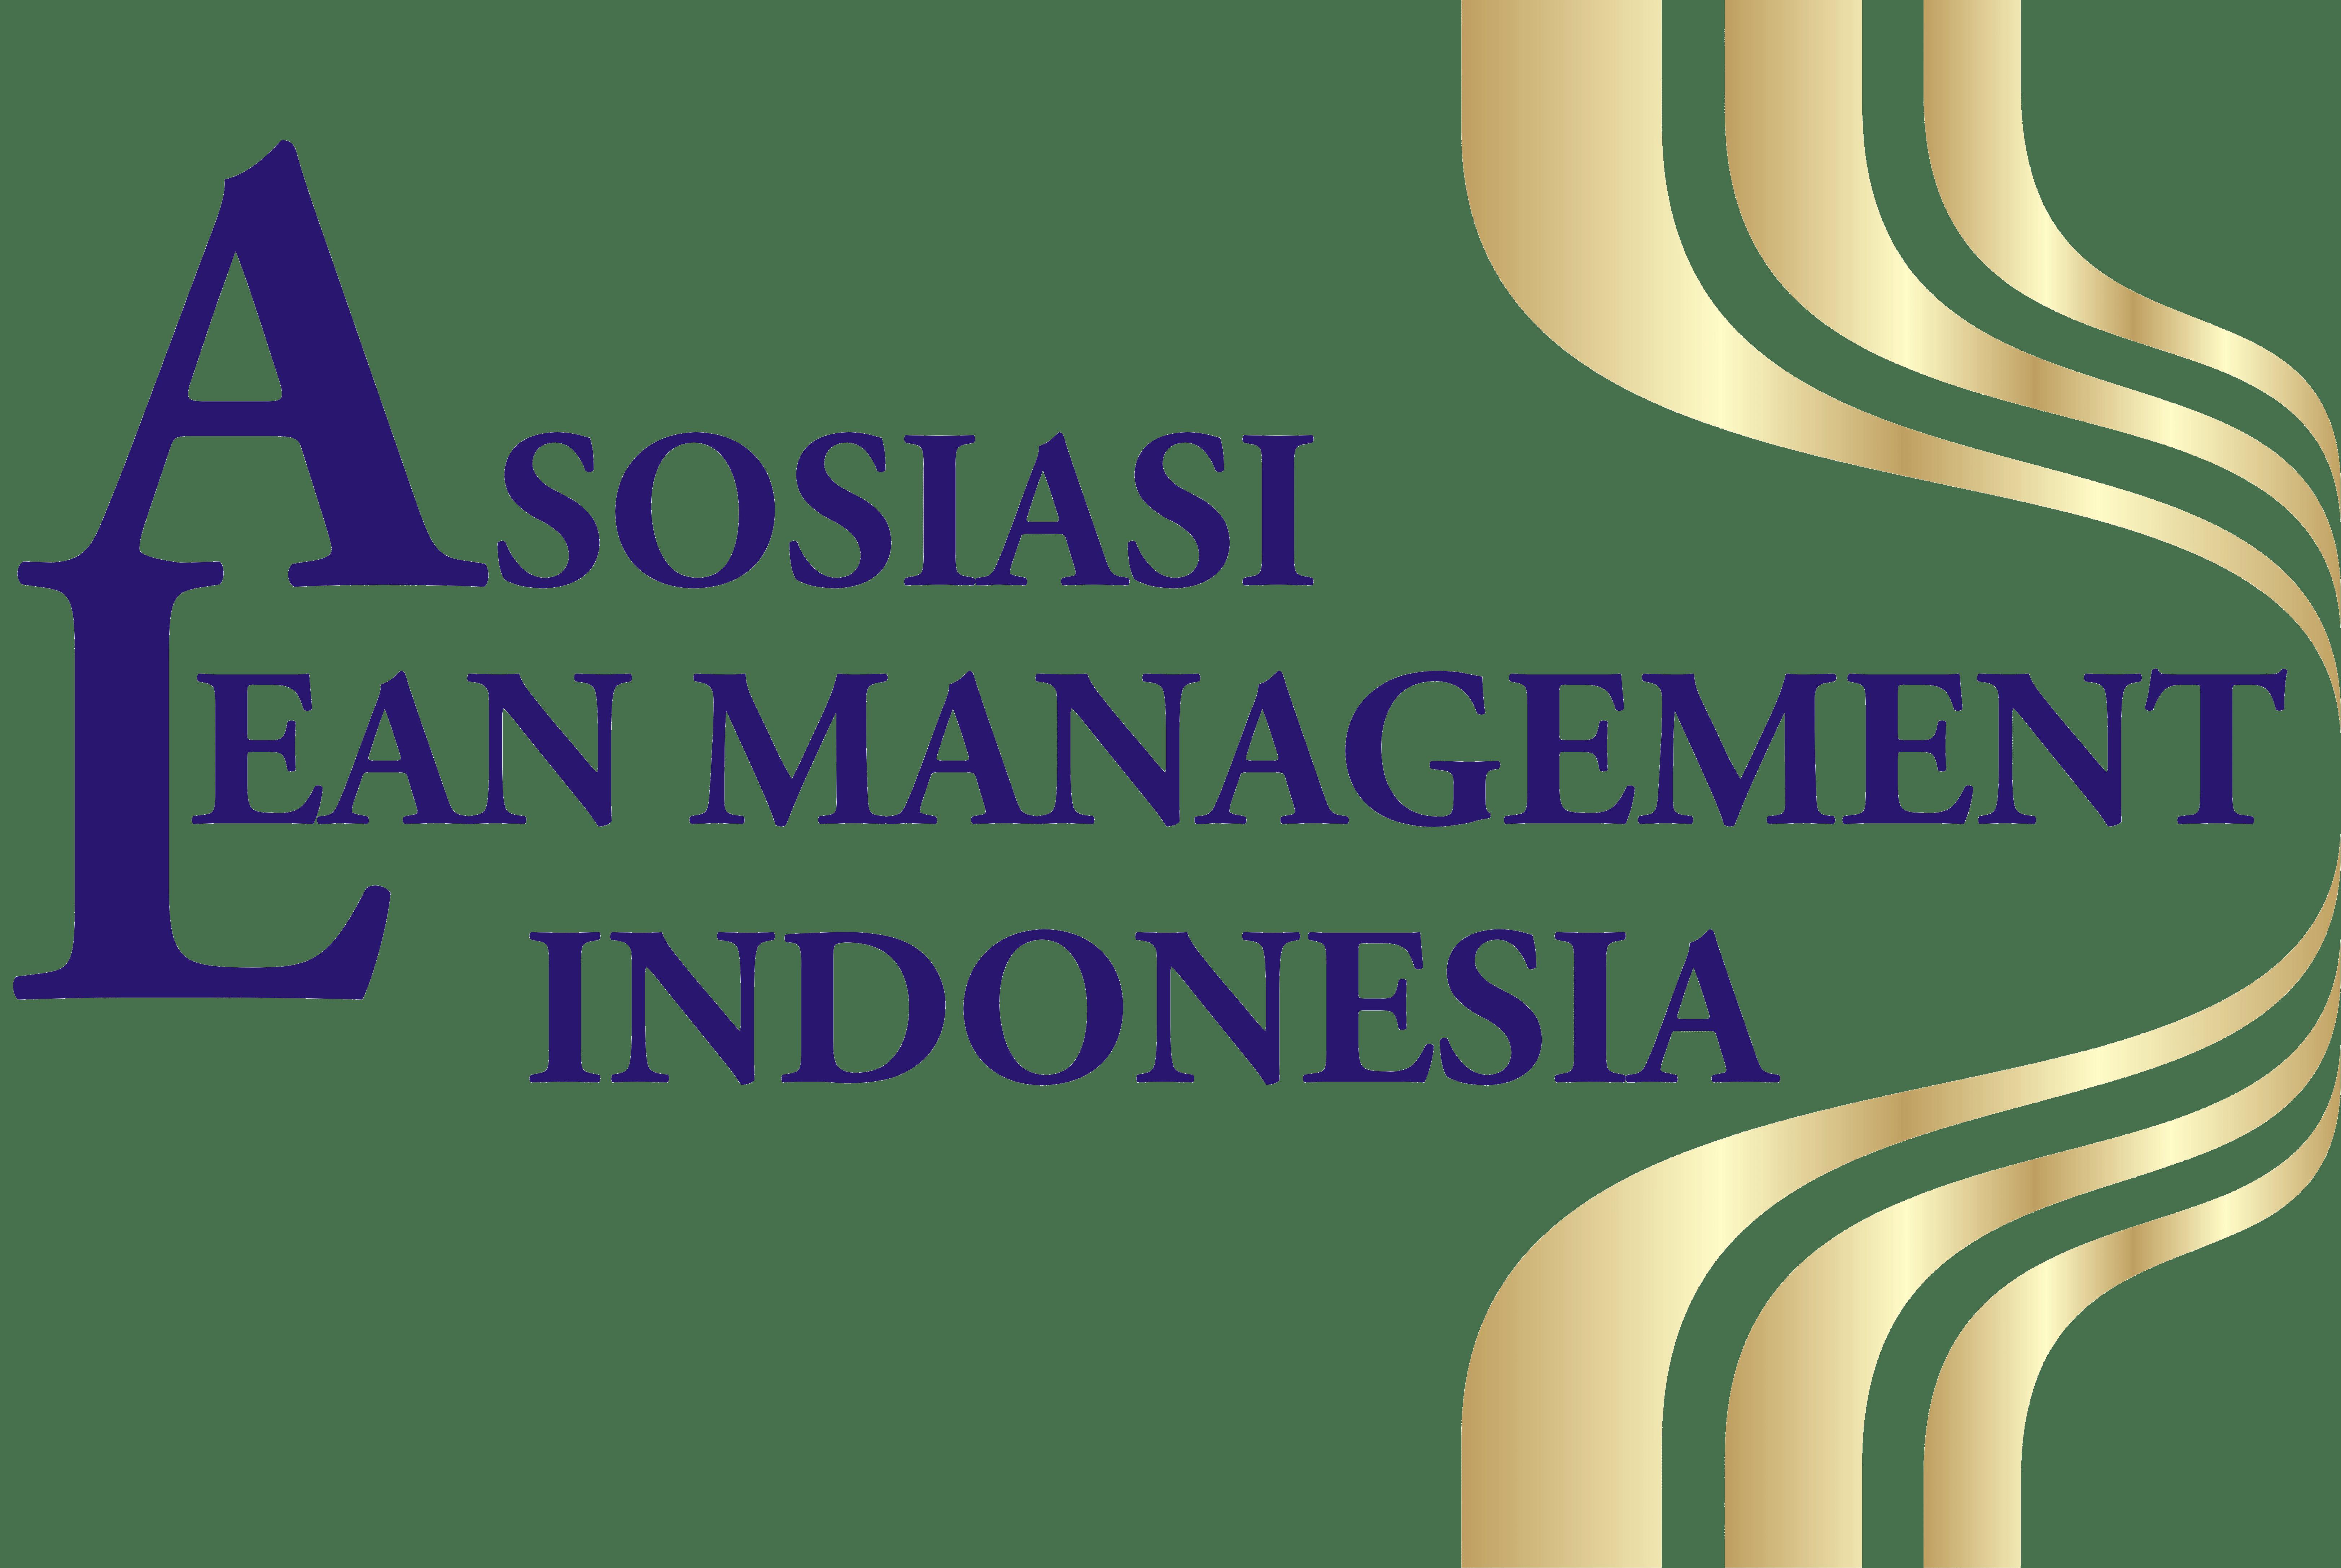 Asosiasi Lean Manajemen Indonesia